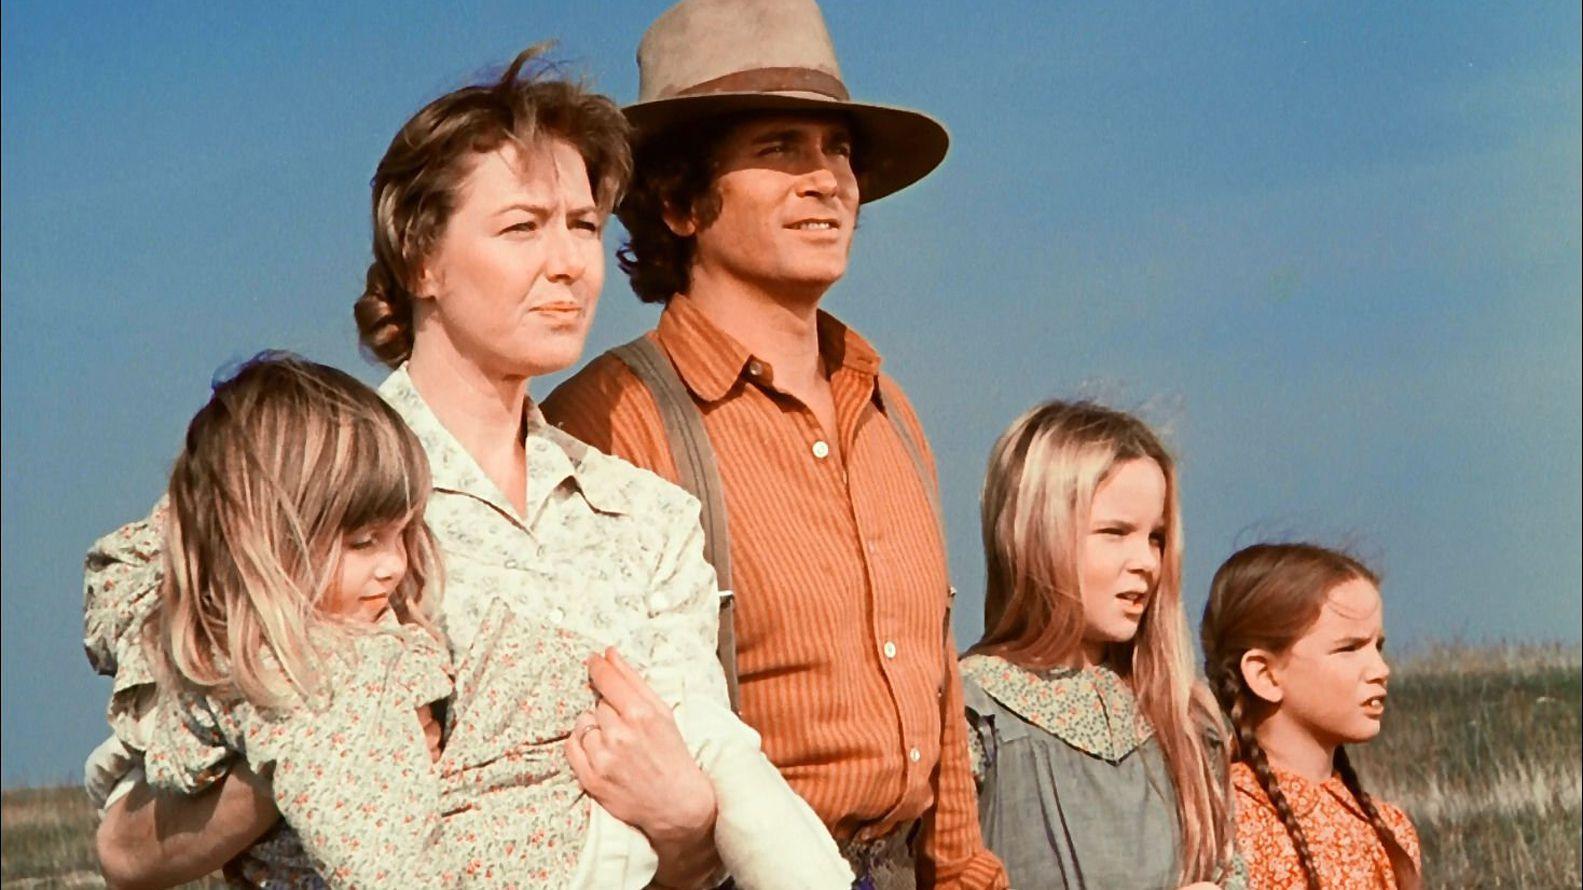 La familia Ingalls está basada en las siete novelas escritas por Laura Ingalls en el siglo XIX,